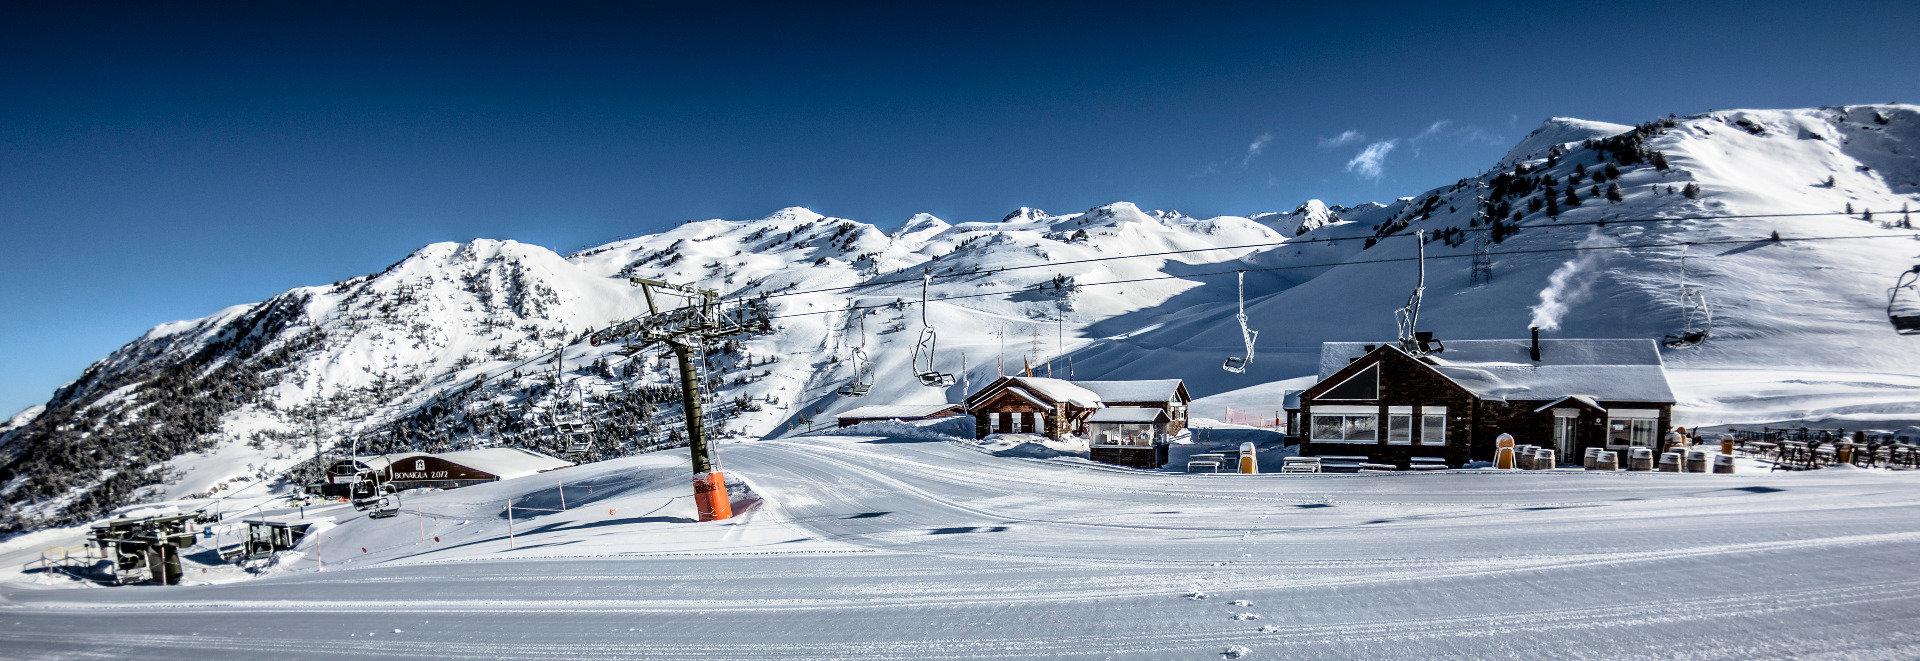 Sur le domaine skiable de Baqueira Beret - ©Station de Baqueira Beret